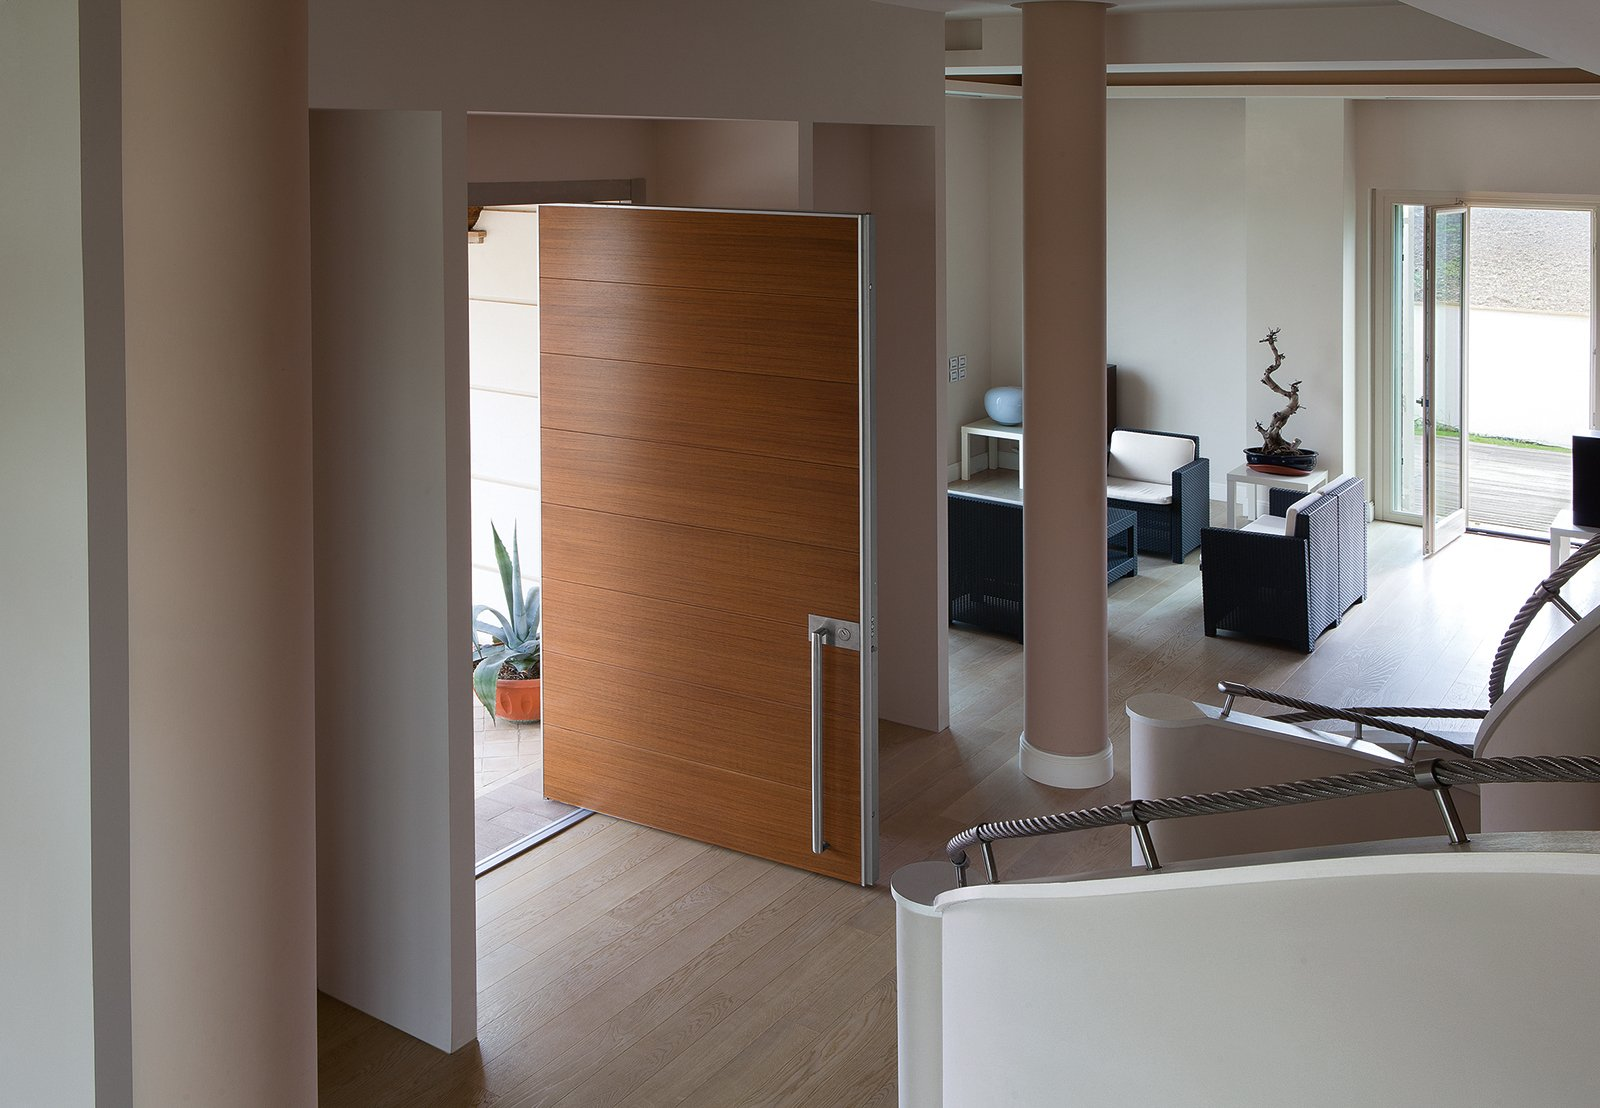 porte blindate design moderno Le porte antieffrazione, o porte blindate, sono classificate secondo standard europei per il livello di protezione che offrono, possono essere coibentate.